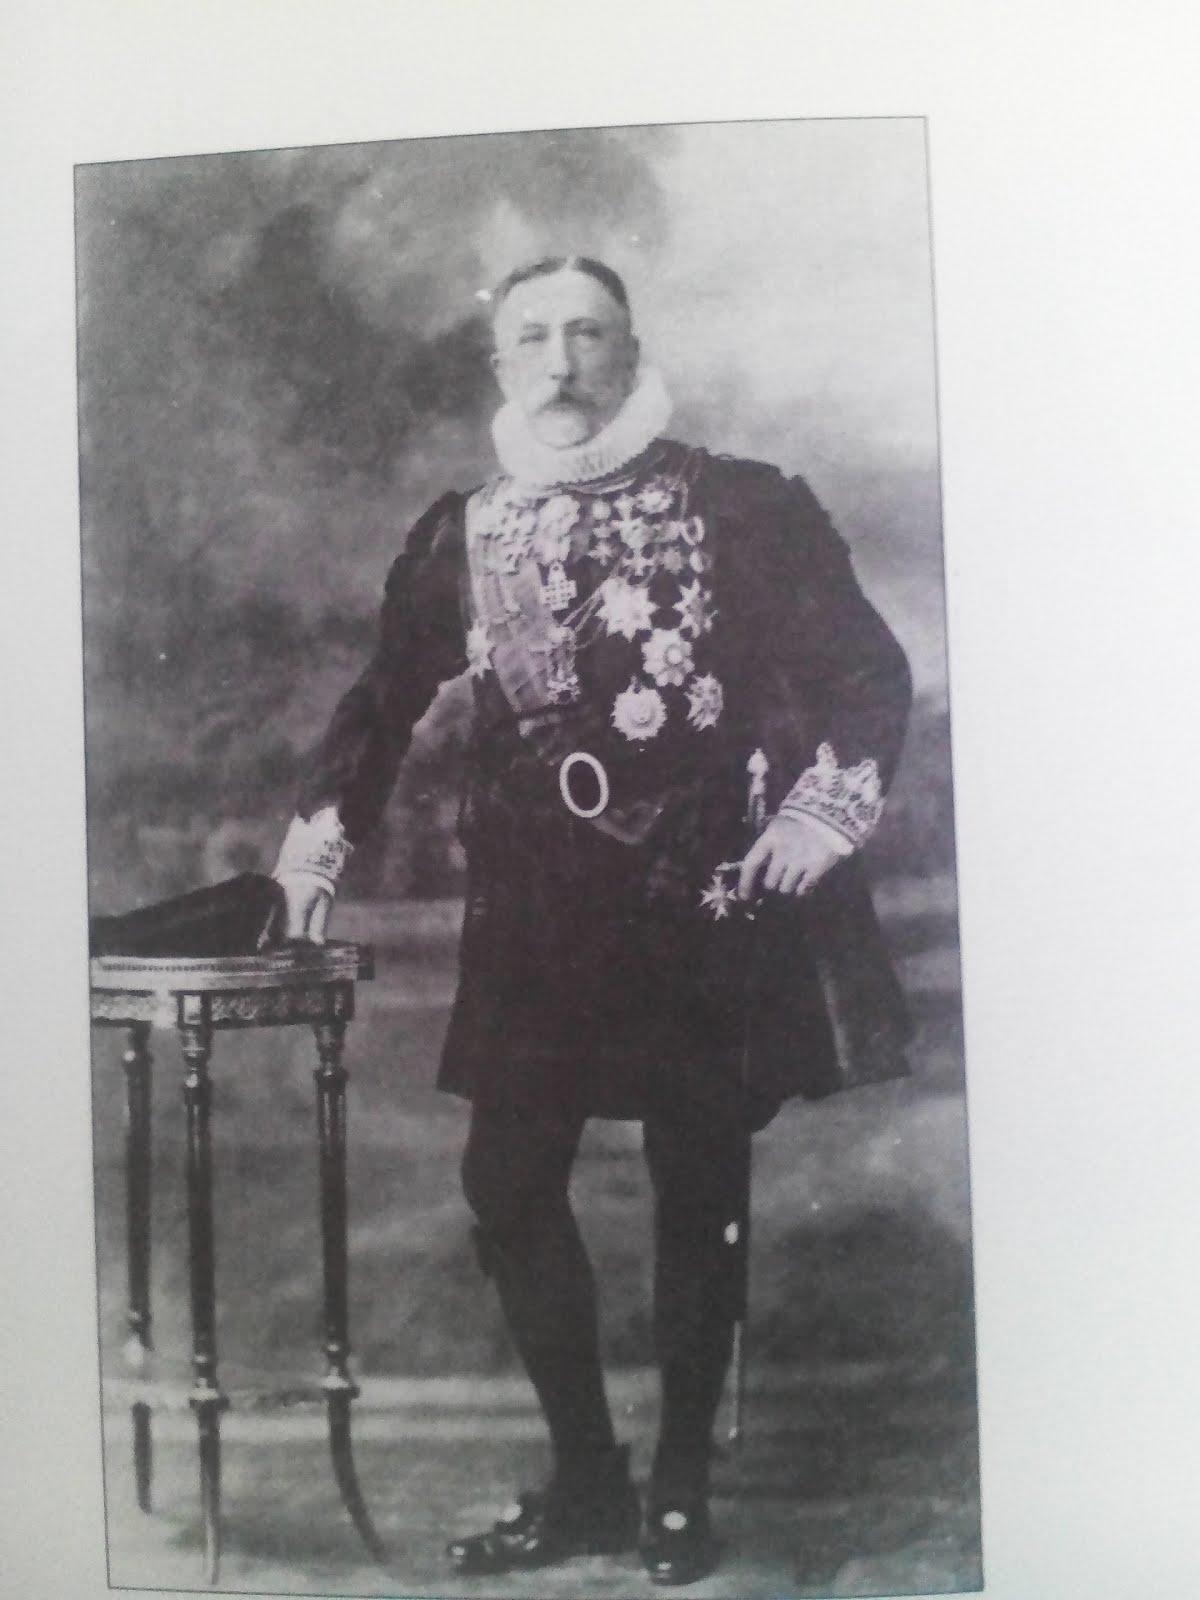 Macchi di Celere conte Vittorio